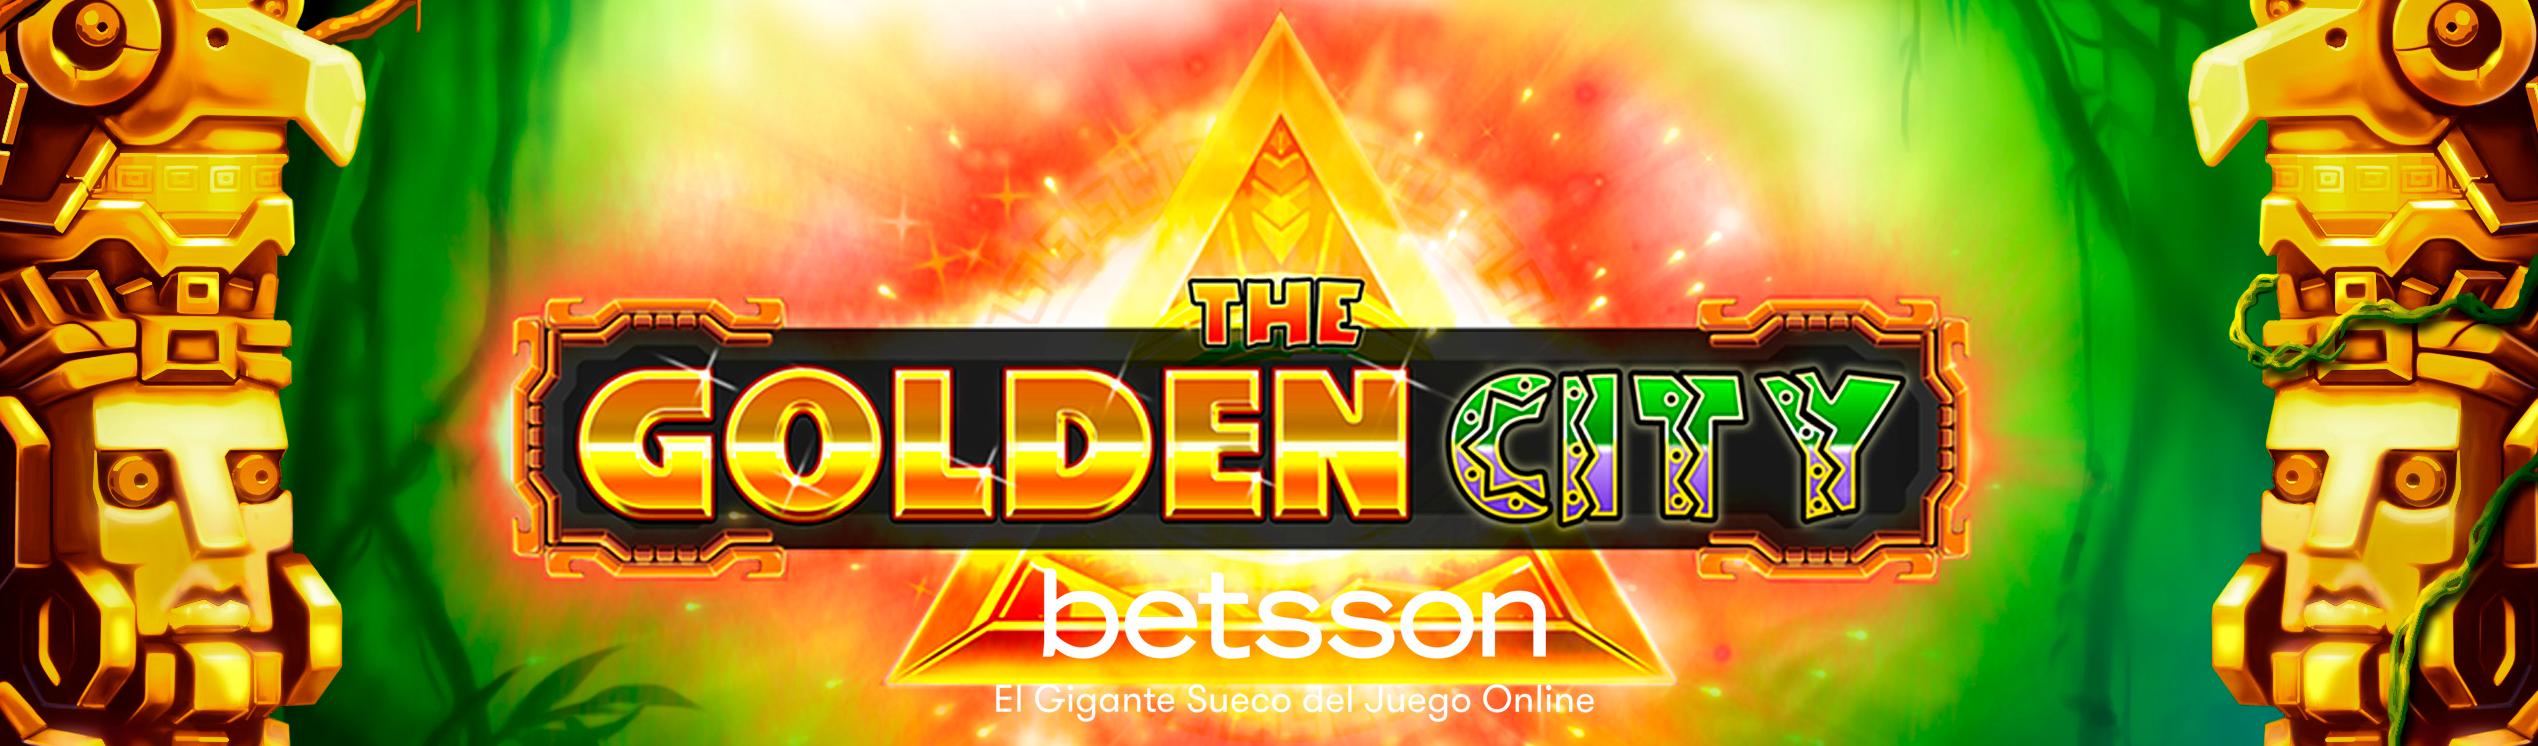 Consigue más de 600 Free Spins Seguidos con la slot Golden City